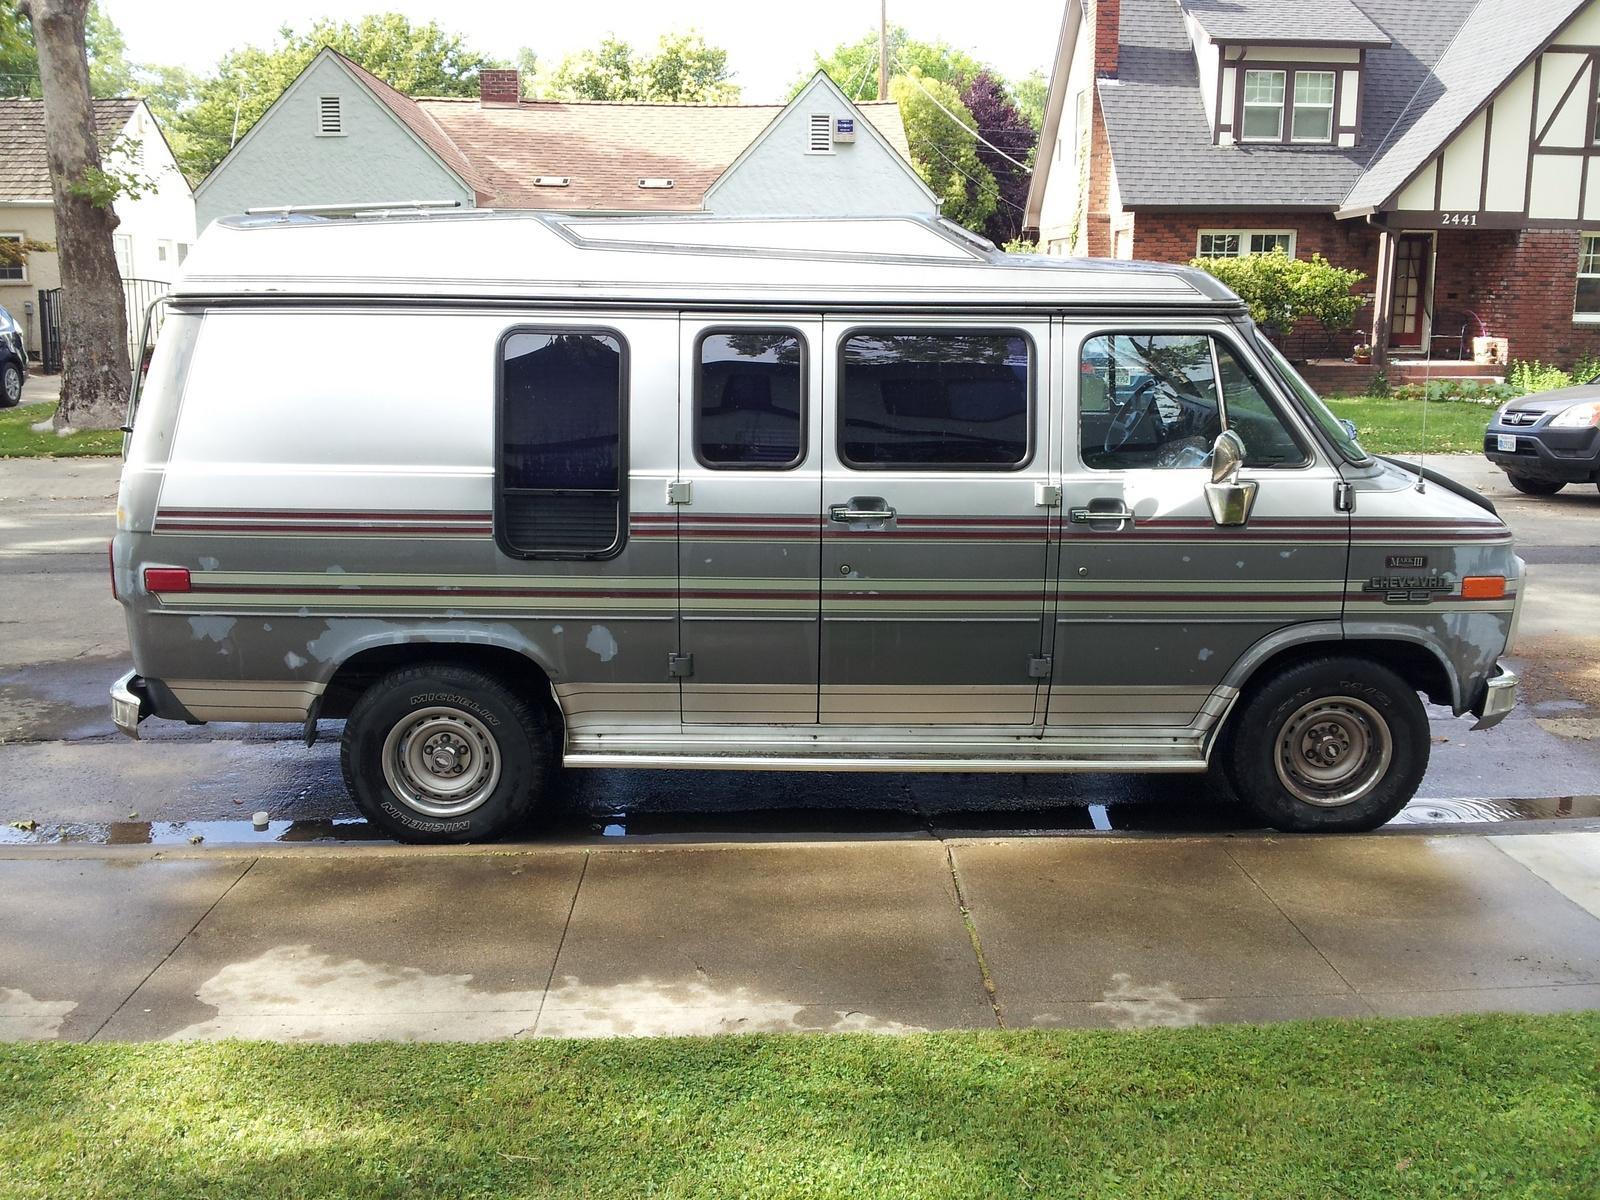 800 1024 1280 1600 origin 1990 Chevrolet Chevy Van ...